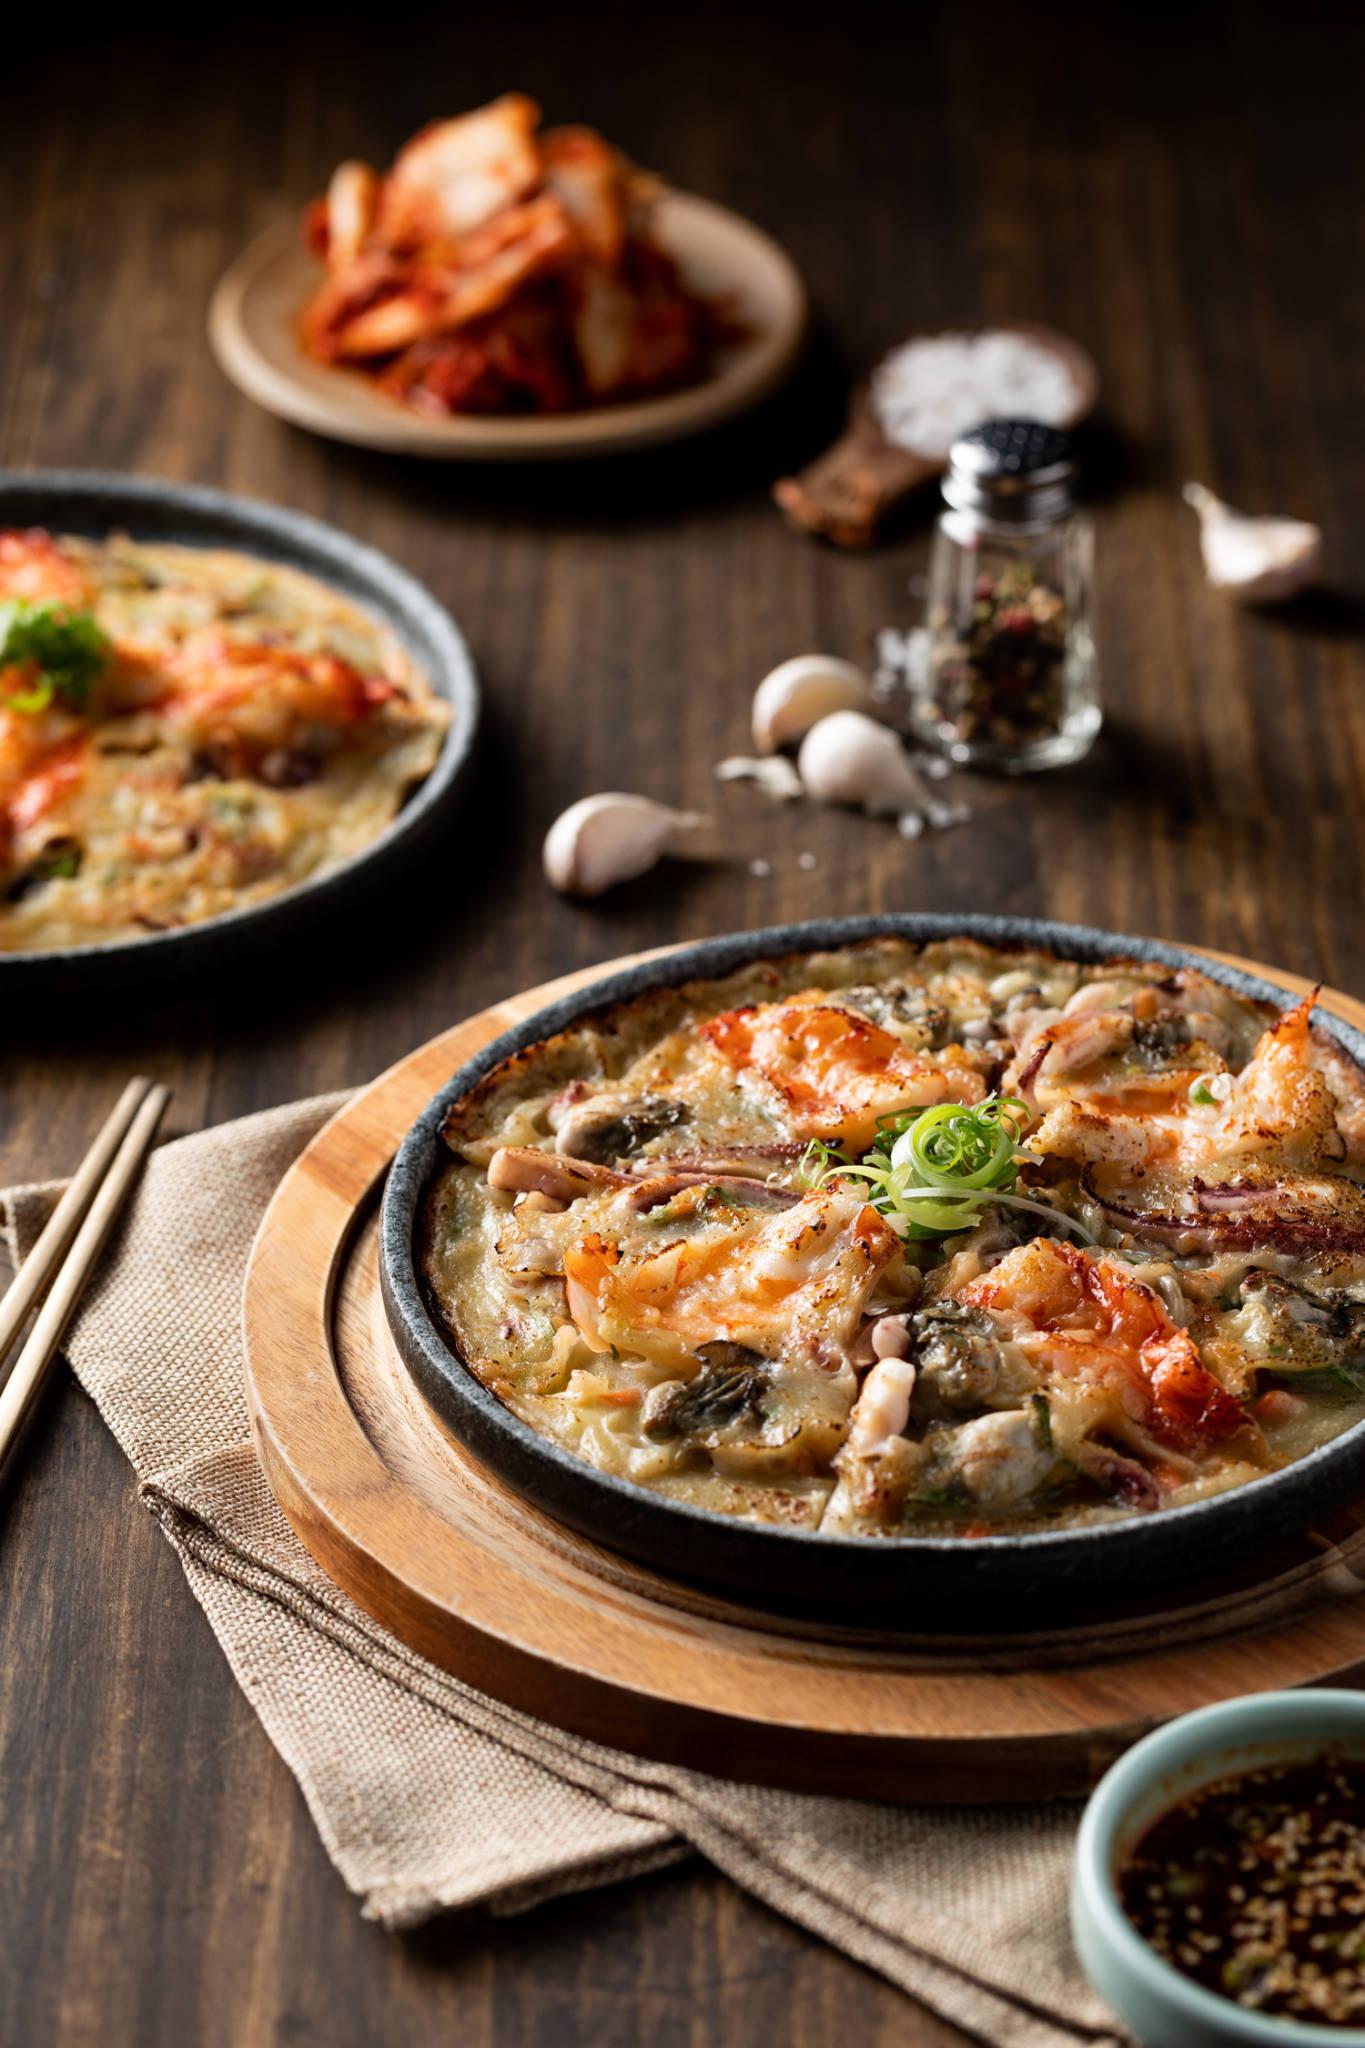 姜滿堂韓式燒肉店 桃園美食